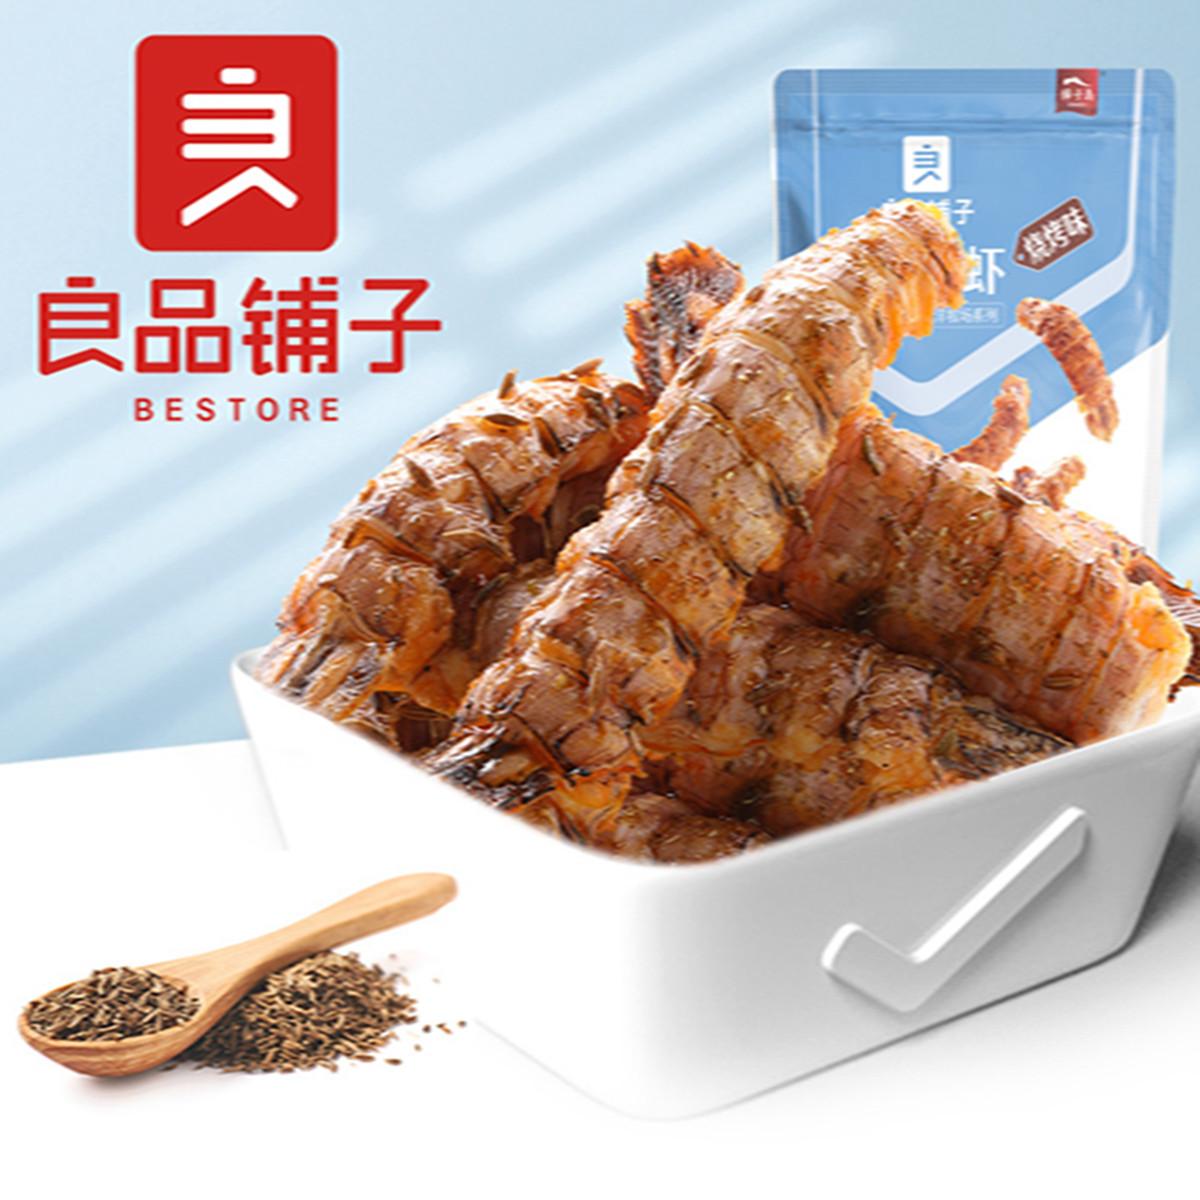 良品铺子皮皮虾45gX1袋烧烤味烤虾干零食海鲜海味烧烤大虾即食虾仁COLOR虾